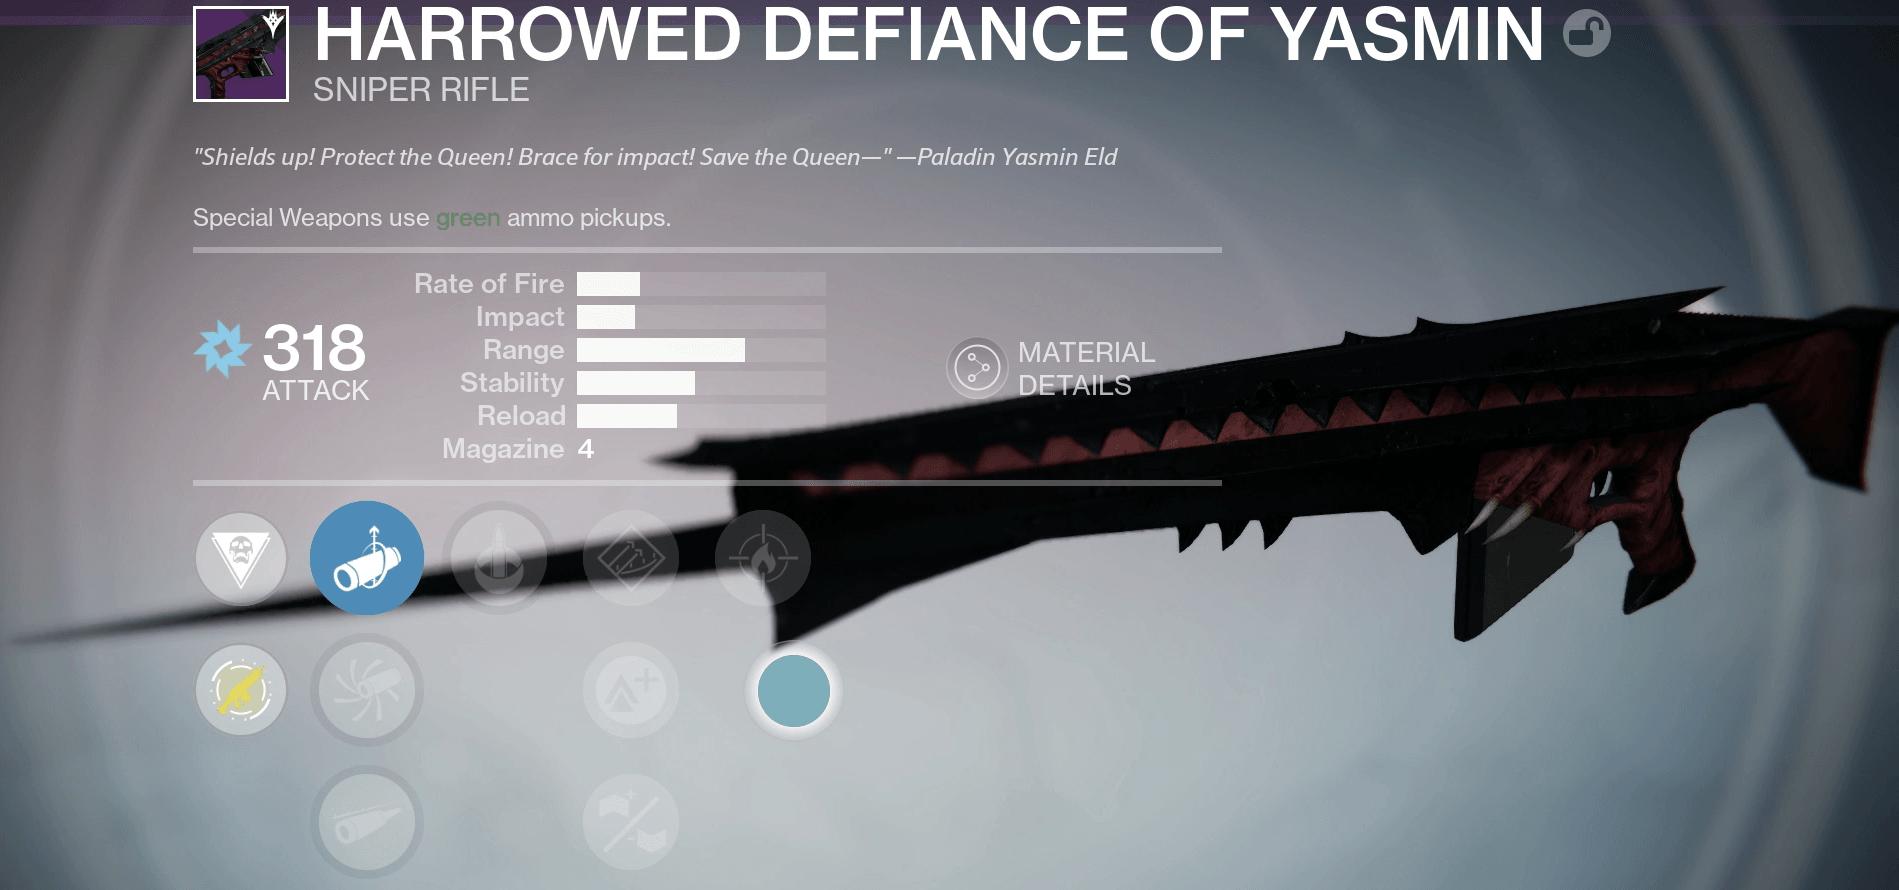 Harrowed-Defiance-Yasmin